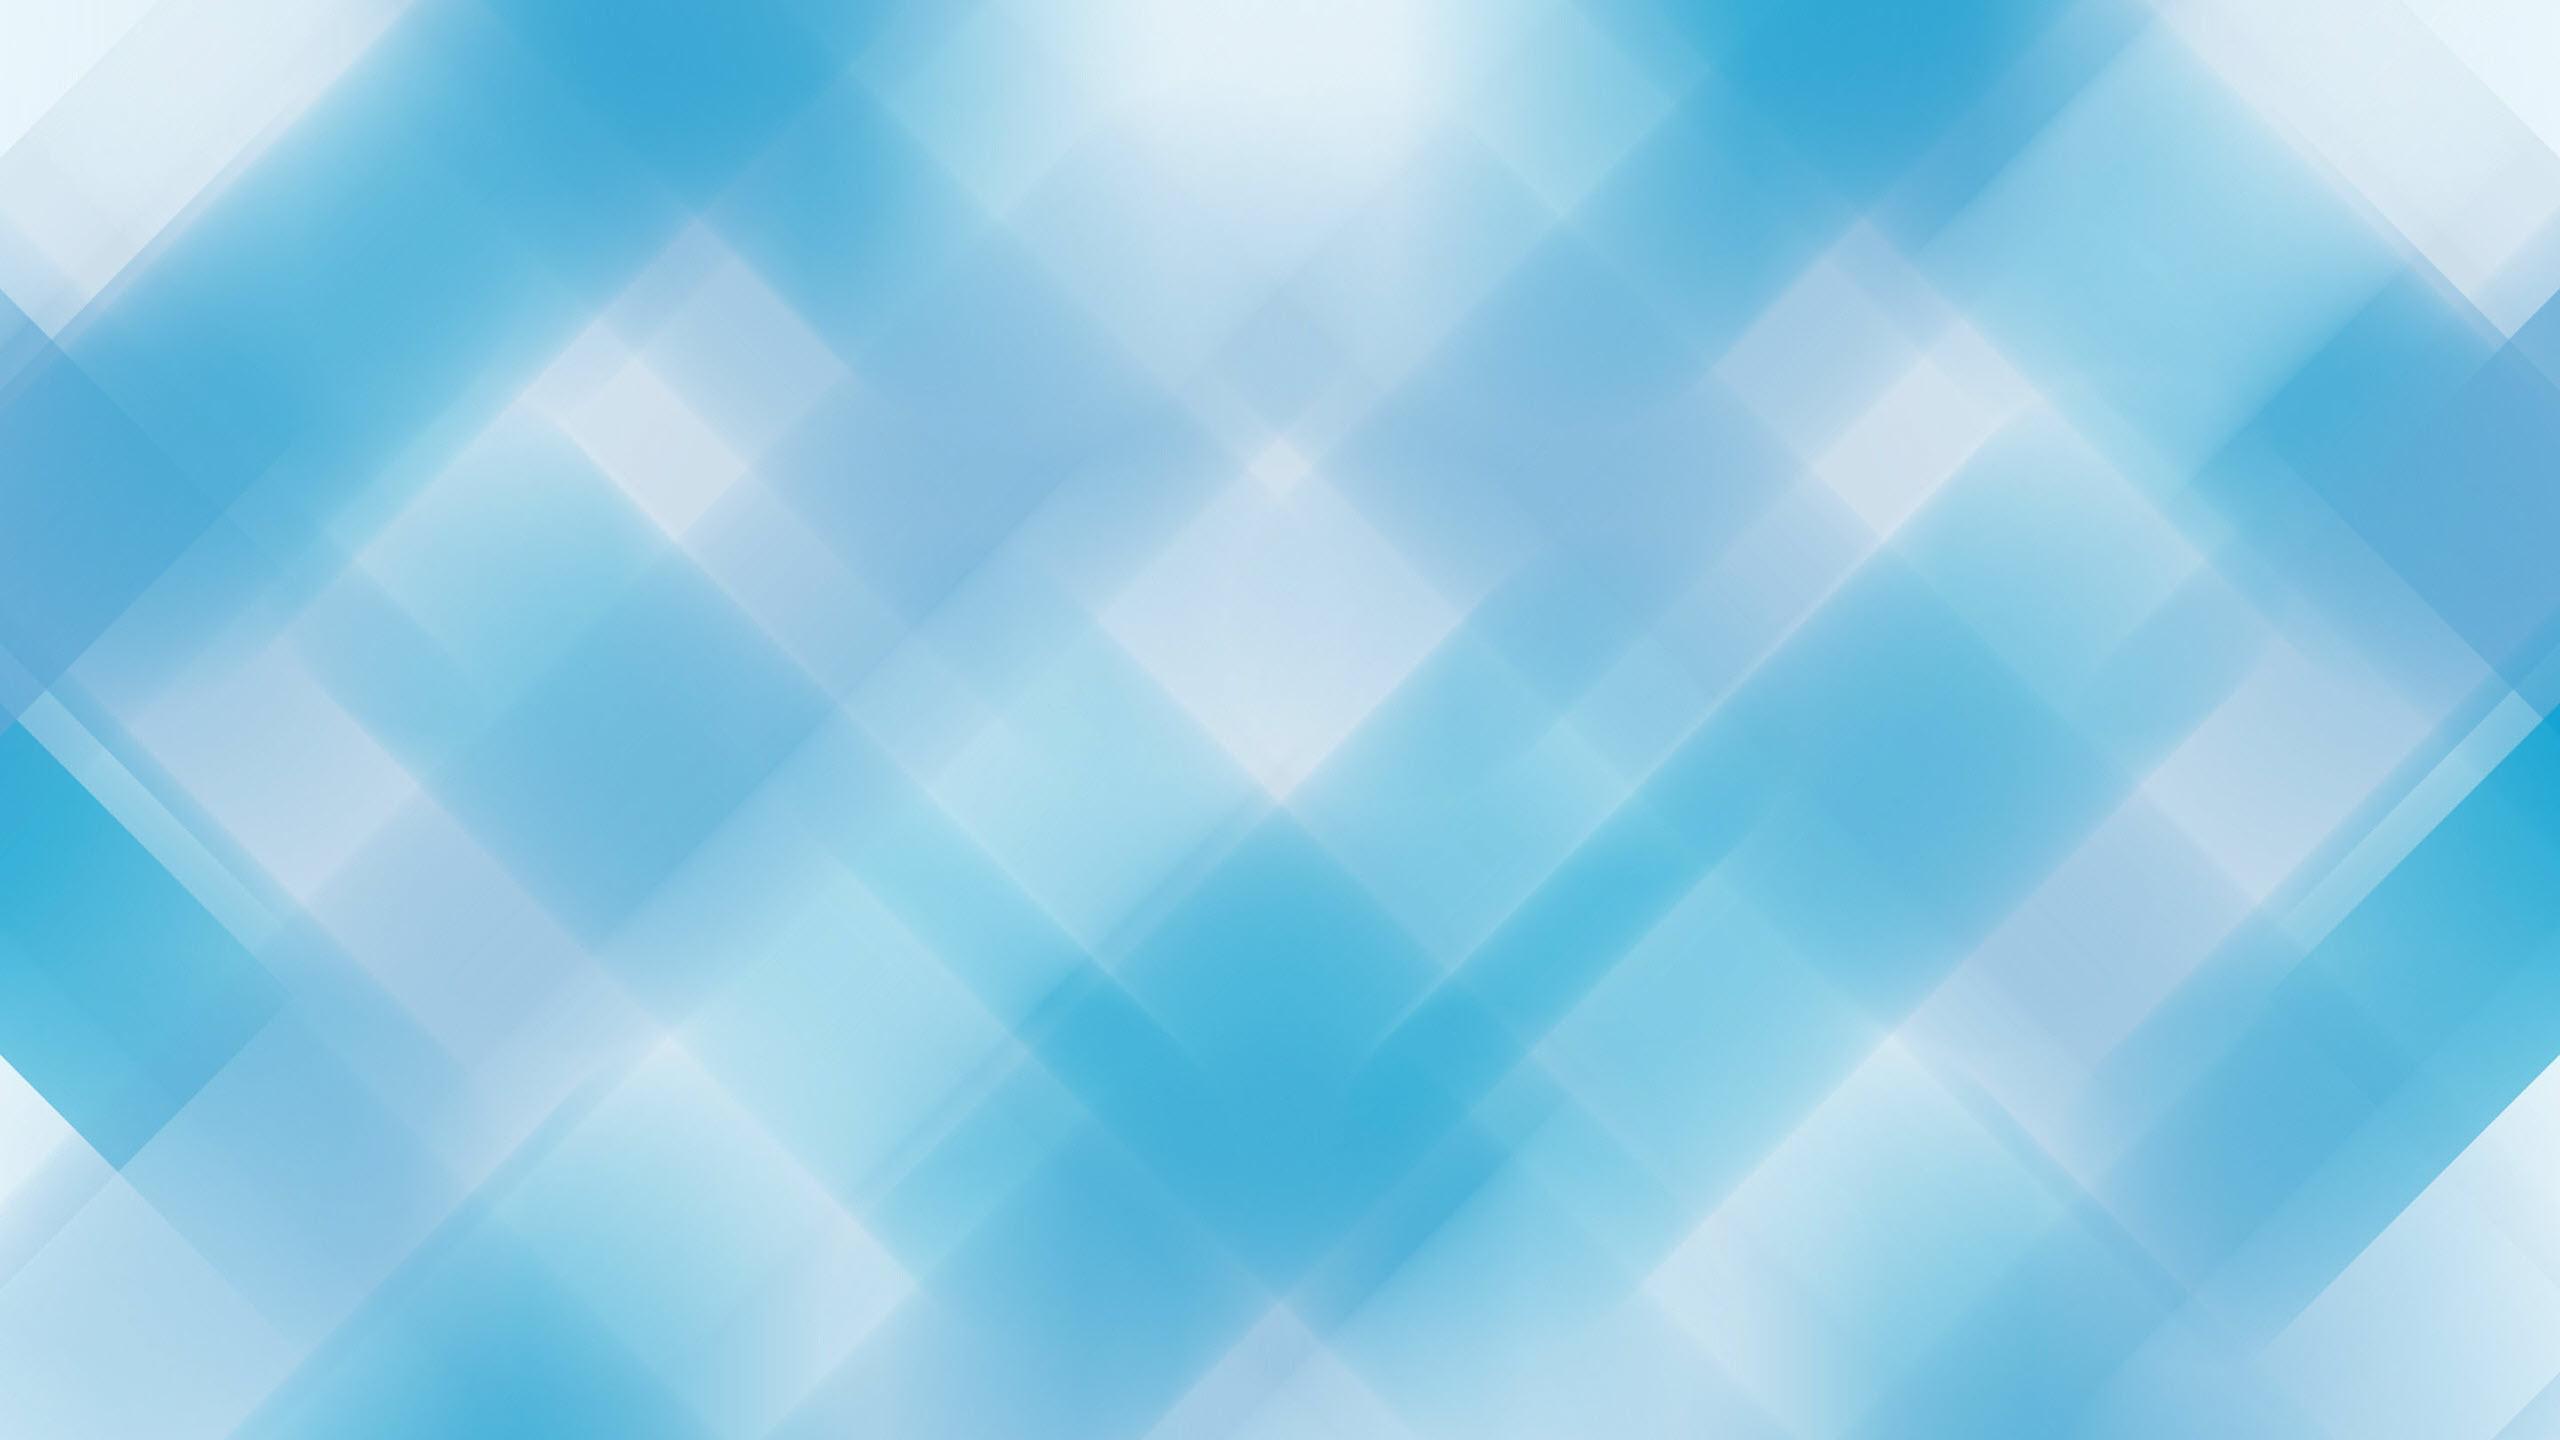 Ảnh nền xanh dương độc đáo